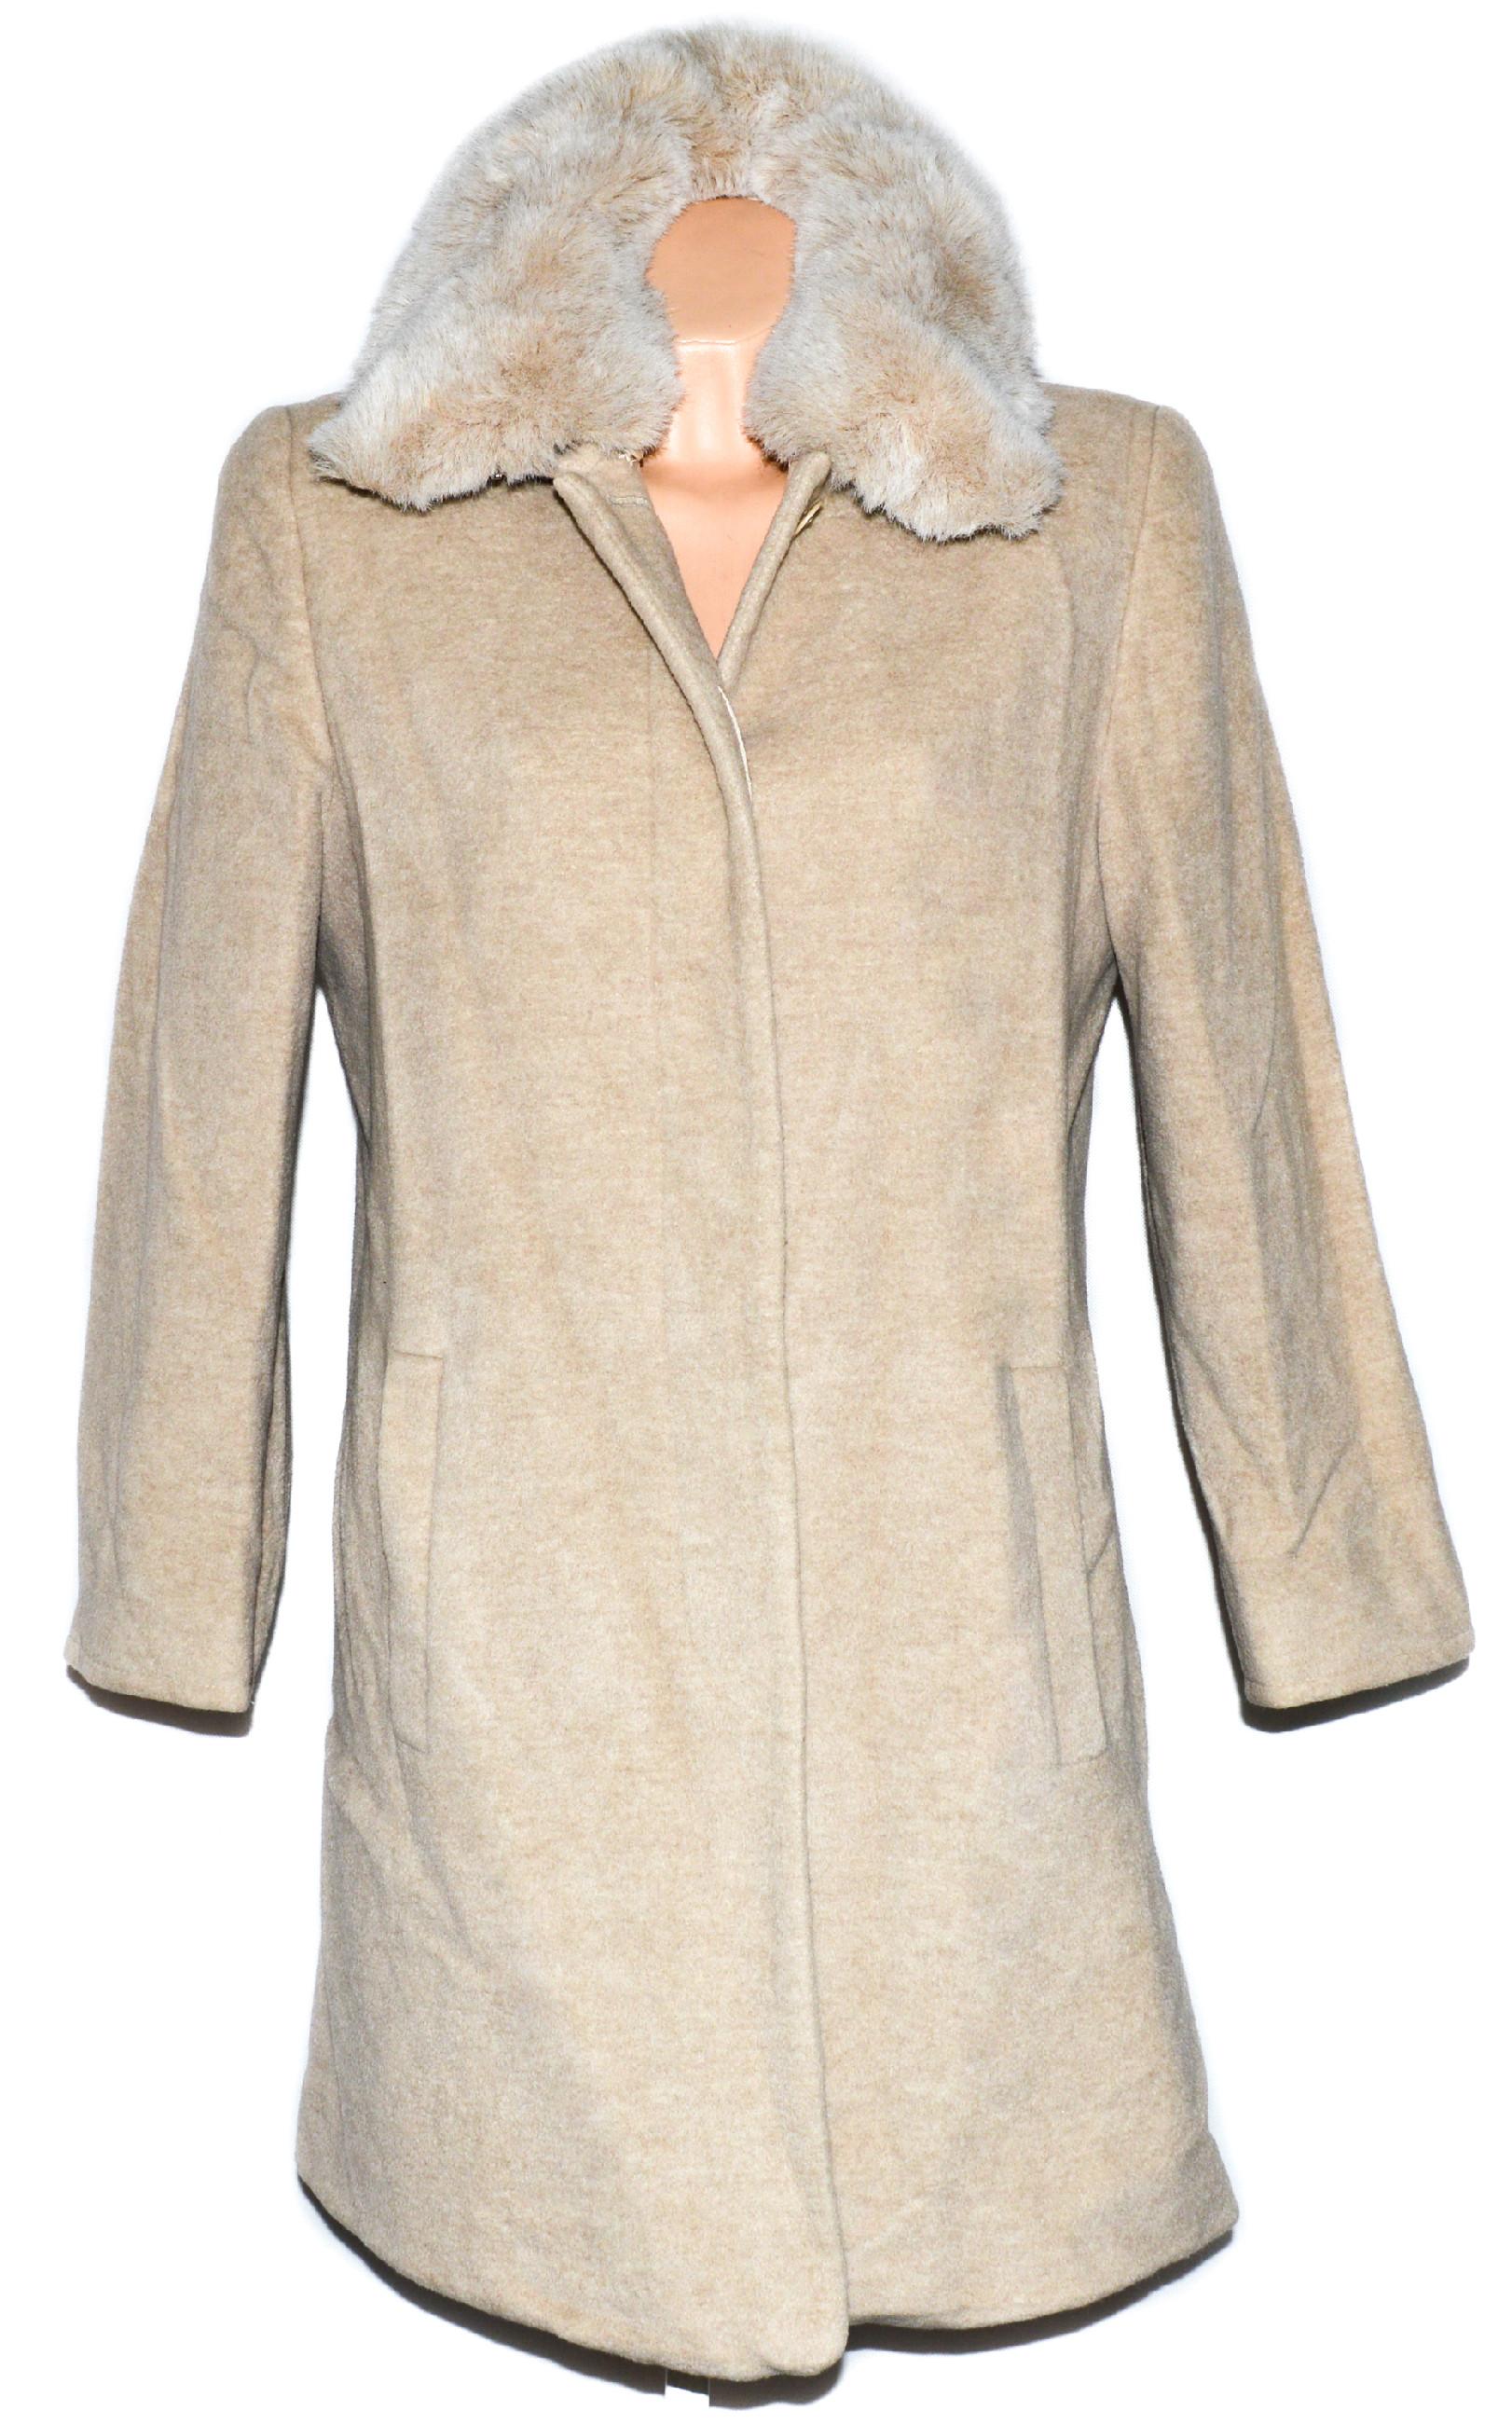 Vlněný dámský béžový kabát s kožíškem Windsmoor L XL e8fae48176